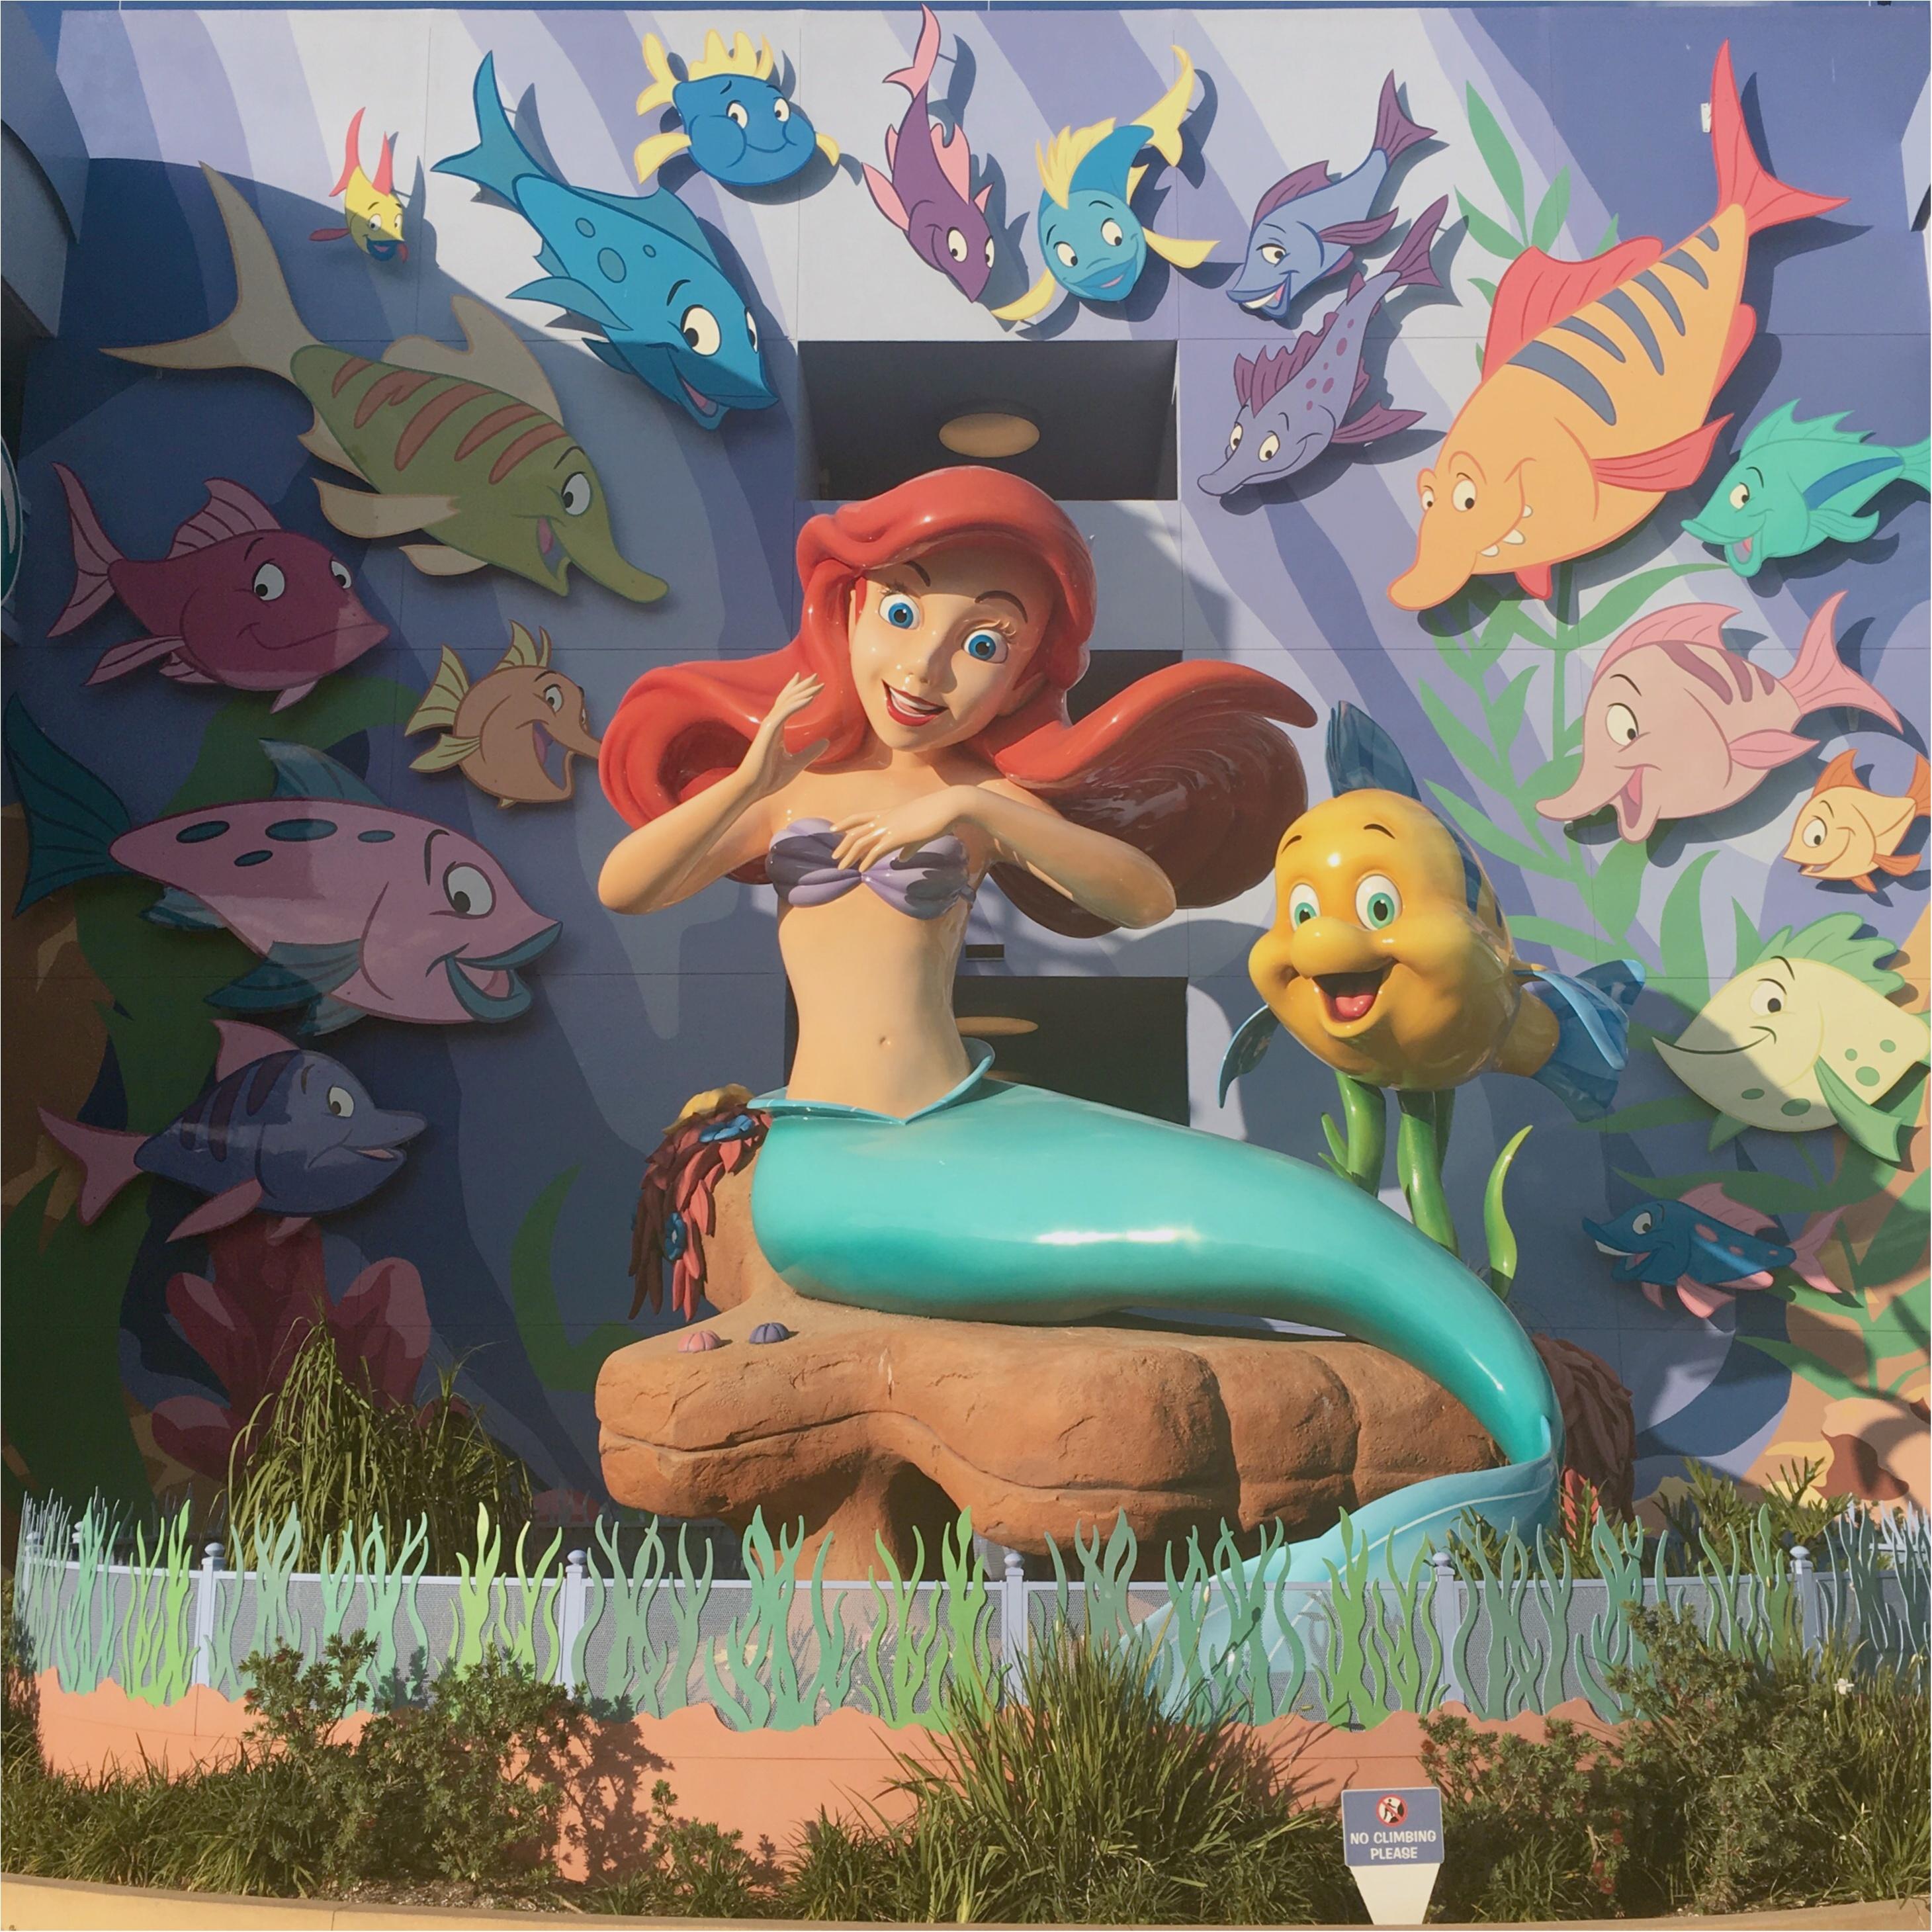 【WDW旅行 】夢の国に泊まりたい!キャラクターいっぱいでかわいい♡ディズニーアートオブアニメーションリゾートホテル ♪_1